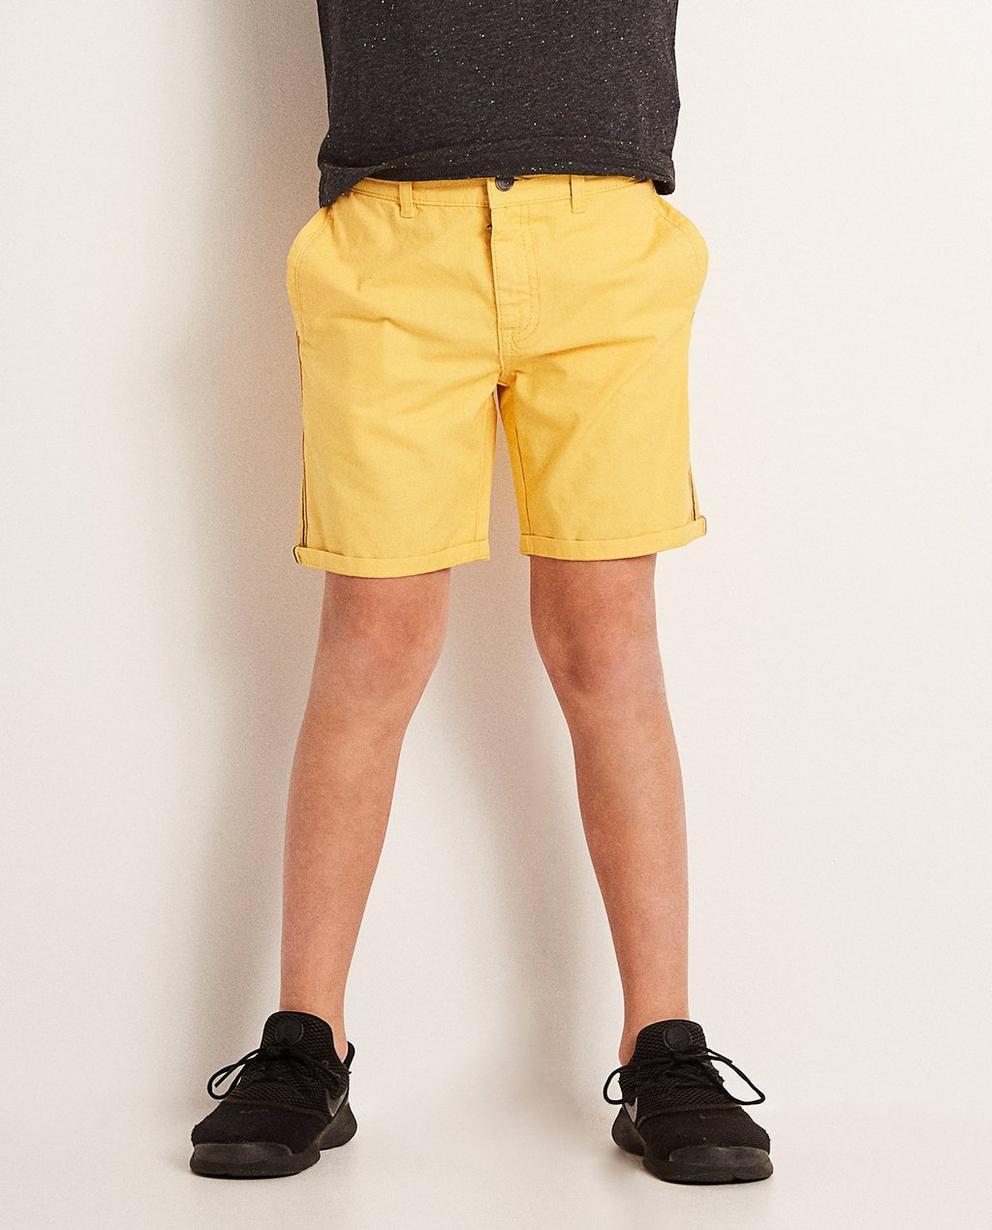 Shorts - Ockergelb - Shorts mit Streifen, 7-14 Jahre